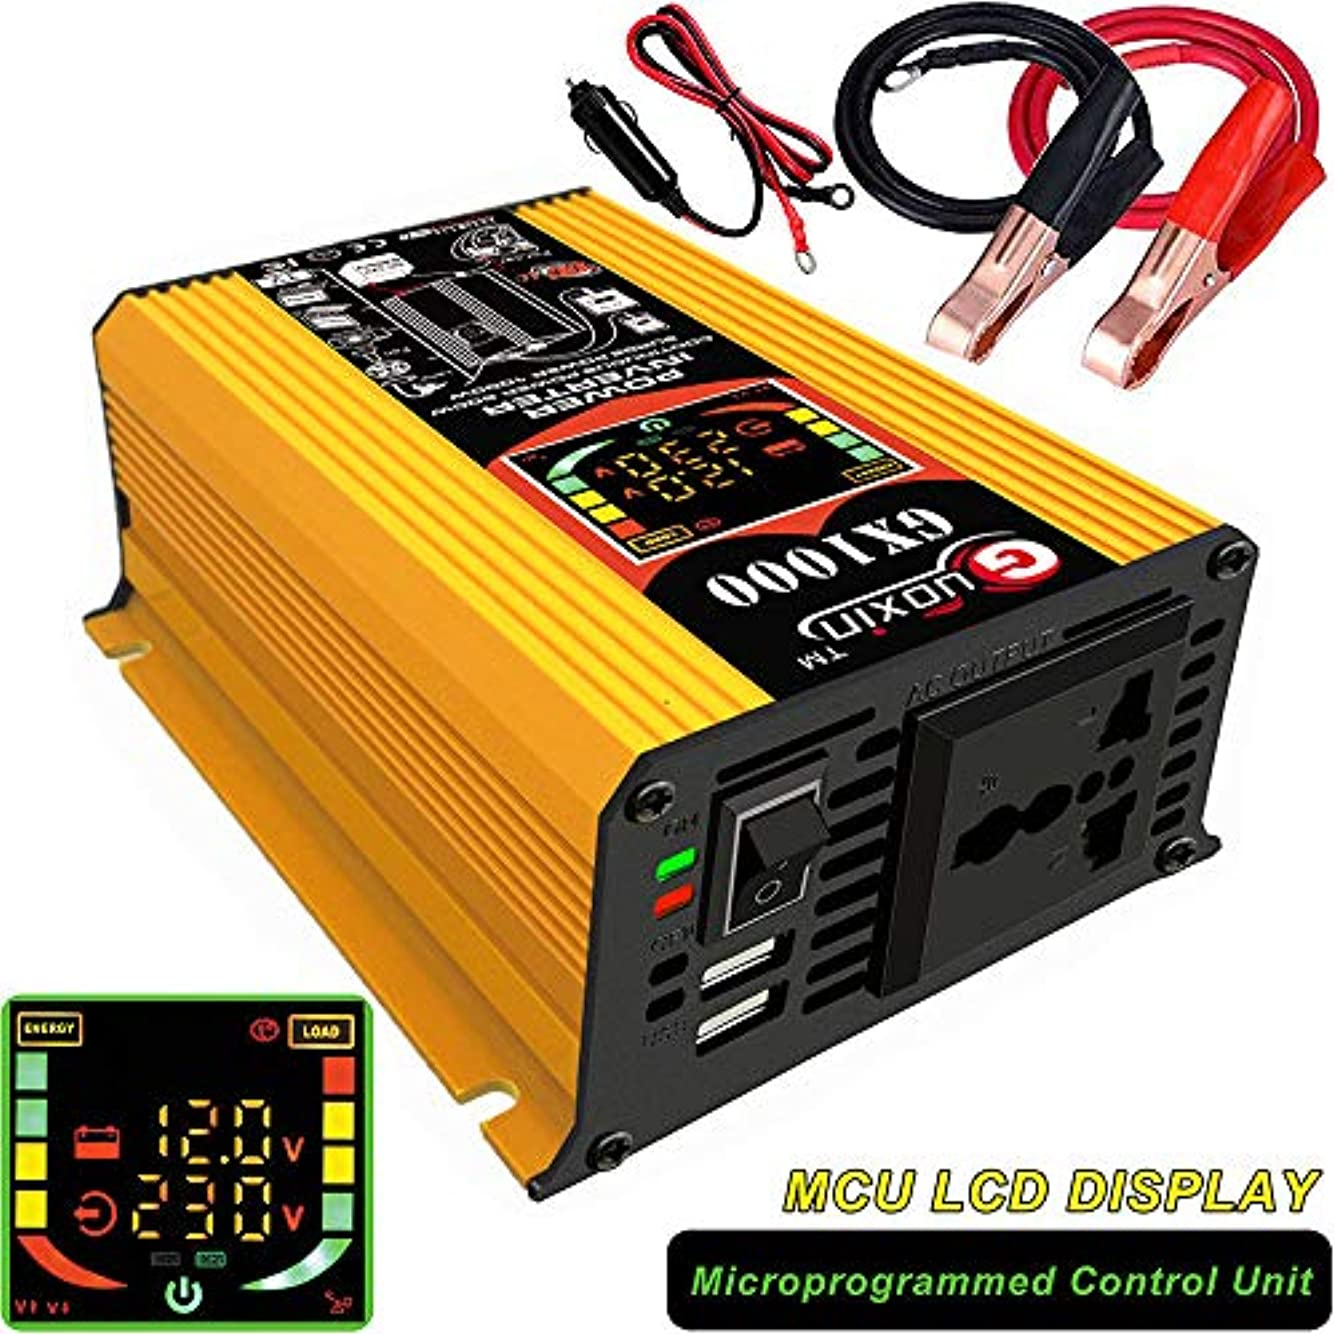 野球満足させる家事車の電源インバーター500W、波インバーターDC 12VからAC 110V 220V車の電圧インバーターコンバータートランスコンバーター,12VTO110V